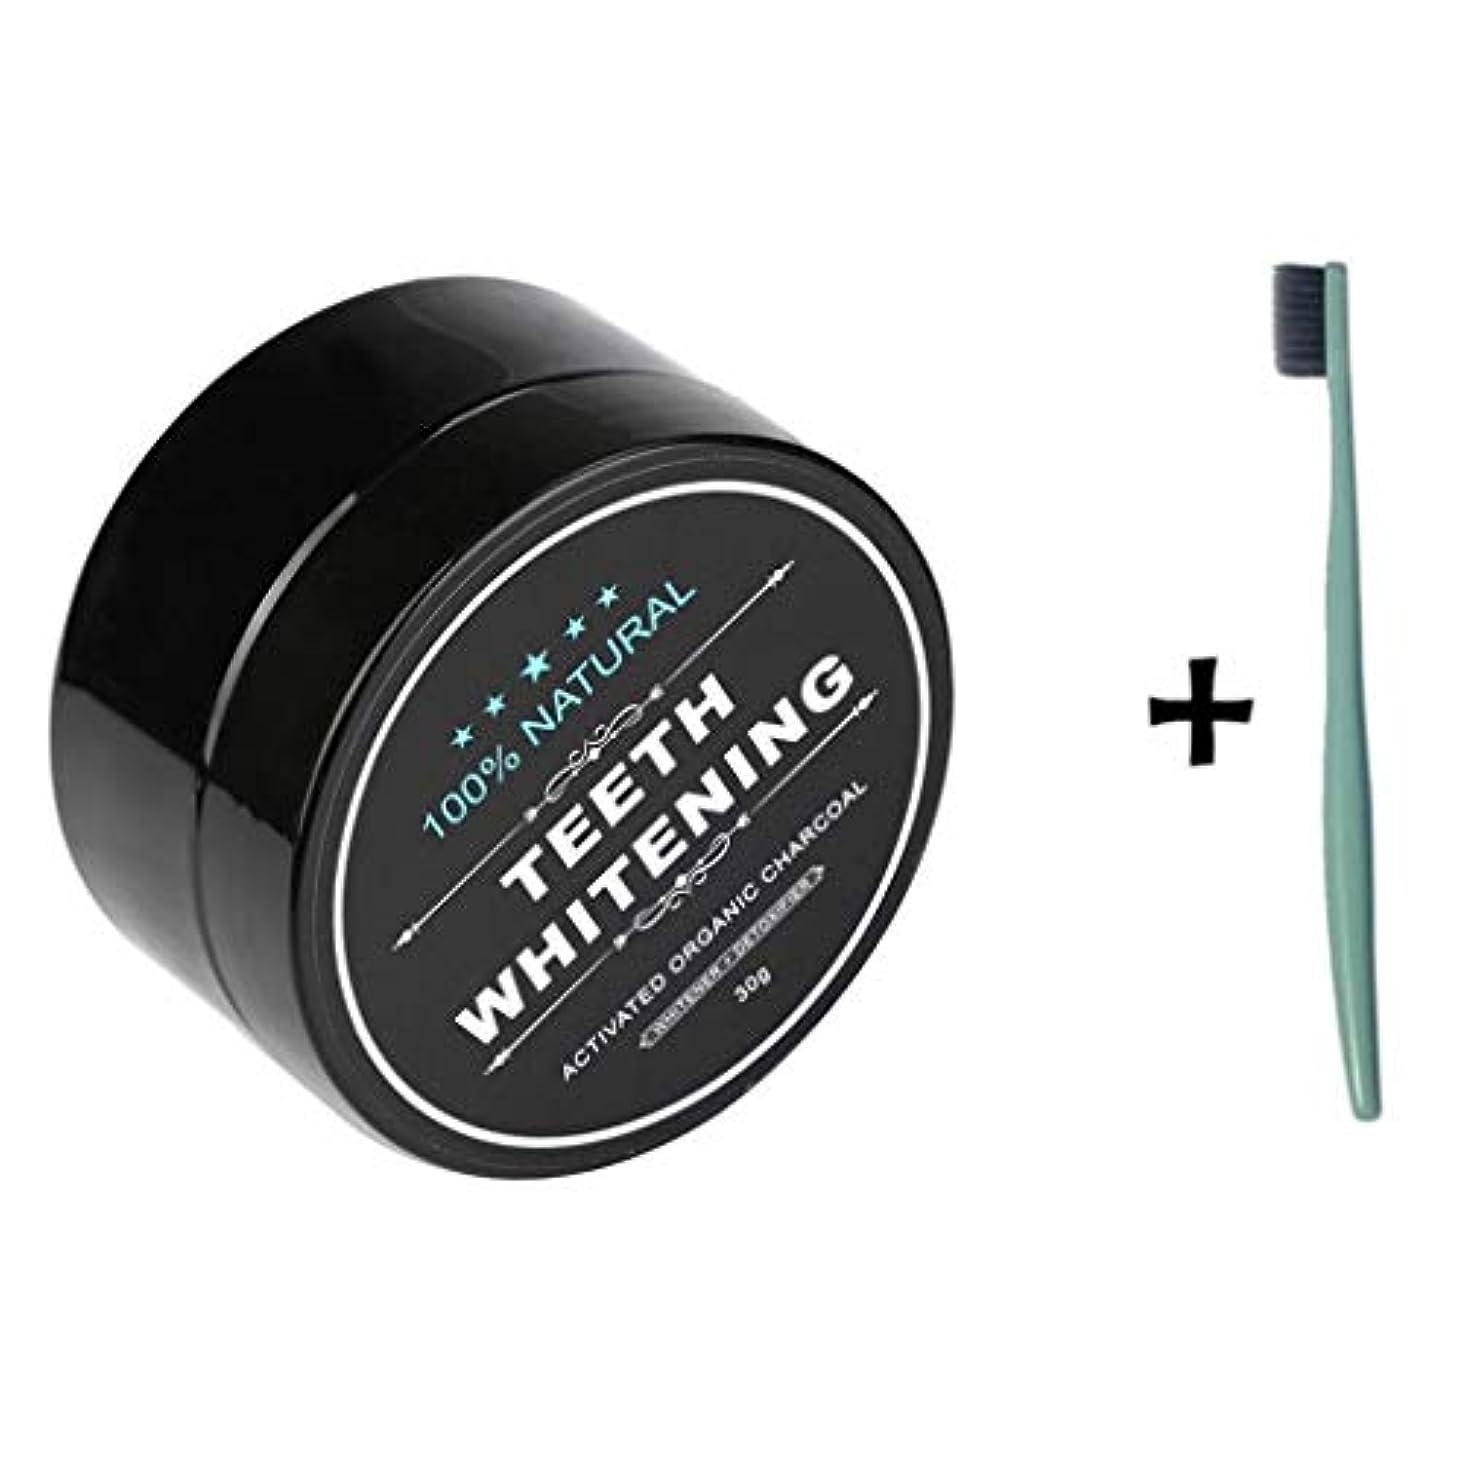 TopFires 歯磨きパウダー 竹炭歯ブラシ ホワイトニング 口腔衛生 ブラシ付け 30g